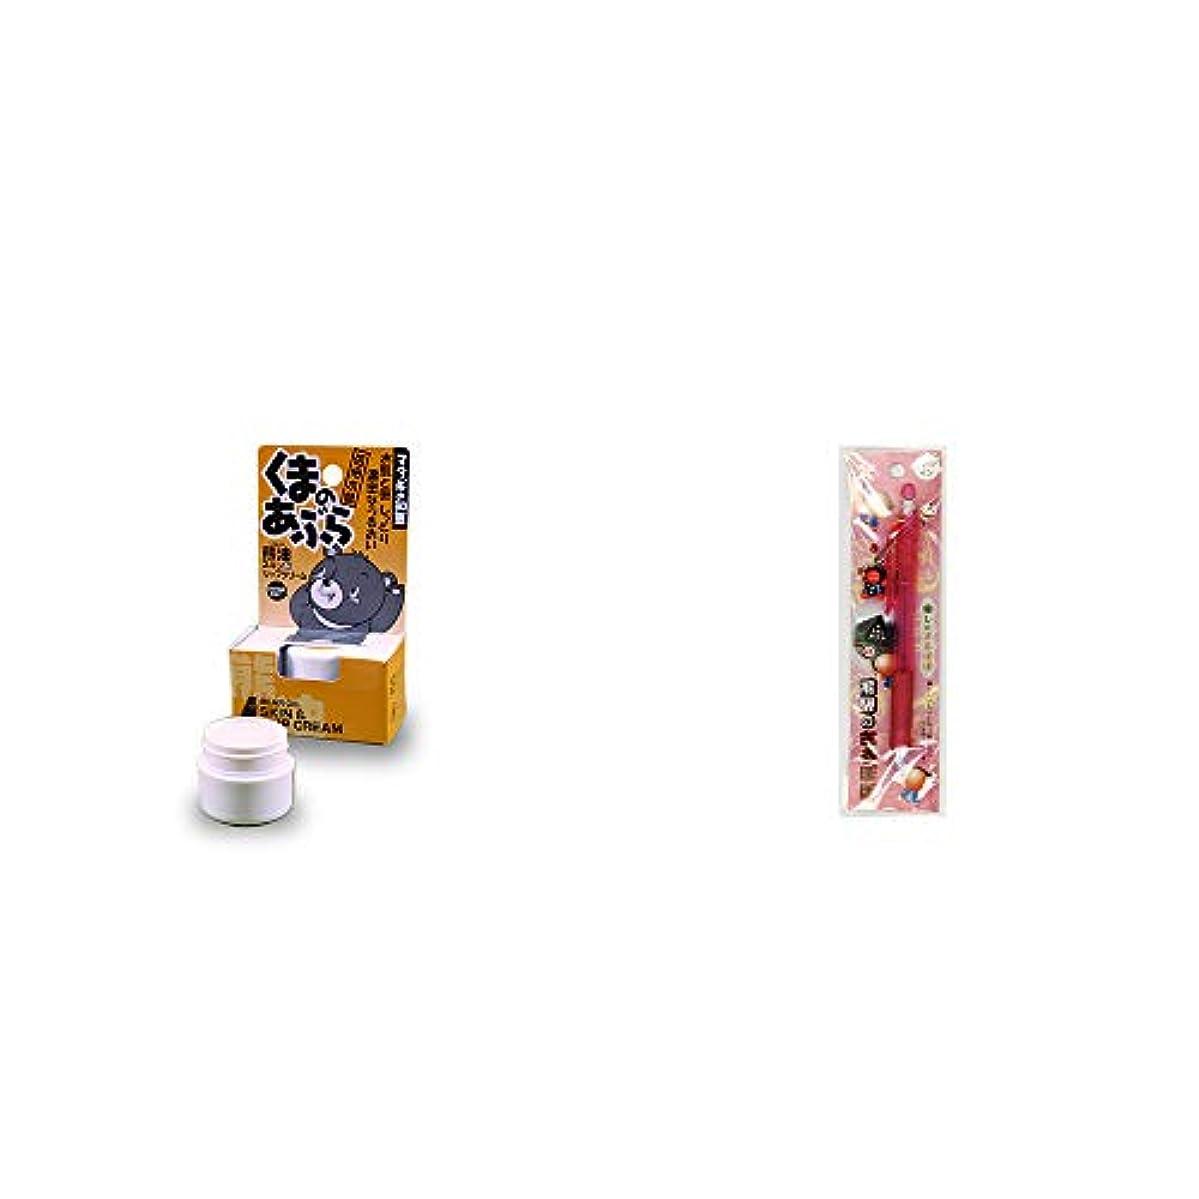 熱帯のメンタル見捨てられた[2点セット] 信州木曽 くまのあぶら 熊油スキン&リップクリーム(9g)?さるぼぼ 癒しシャープペン 【ピンク】